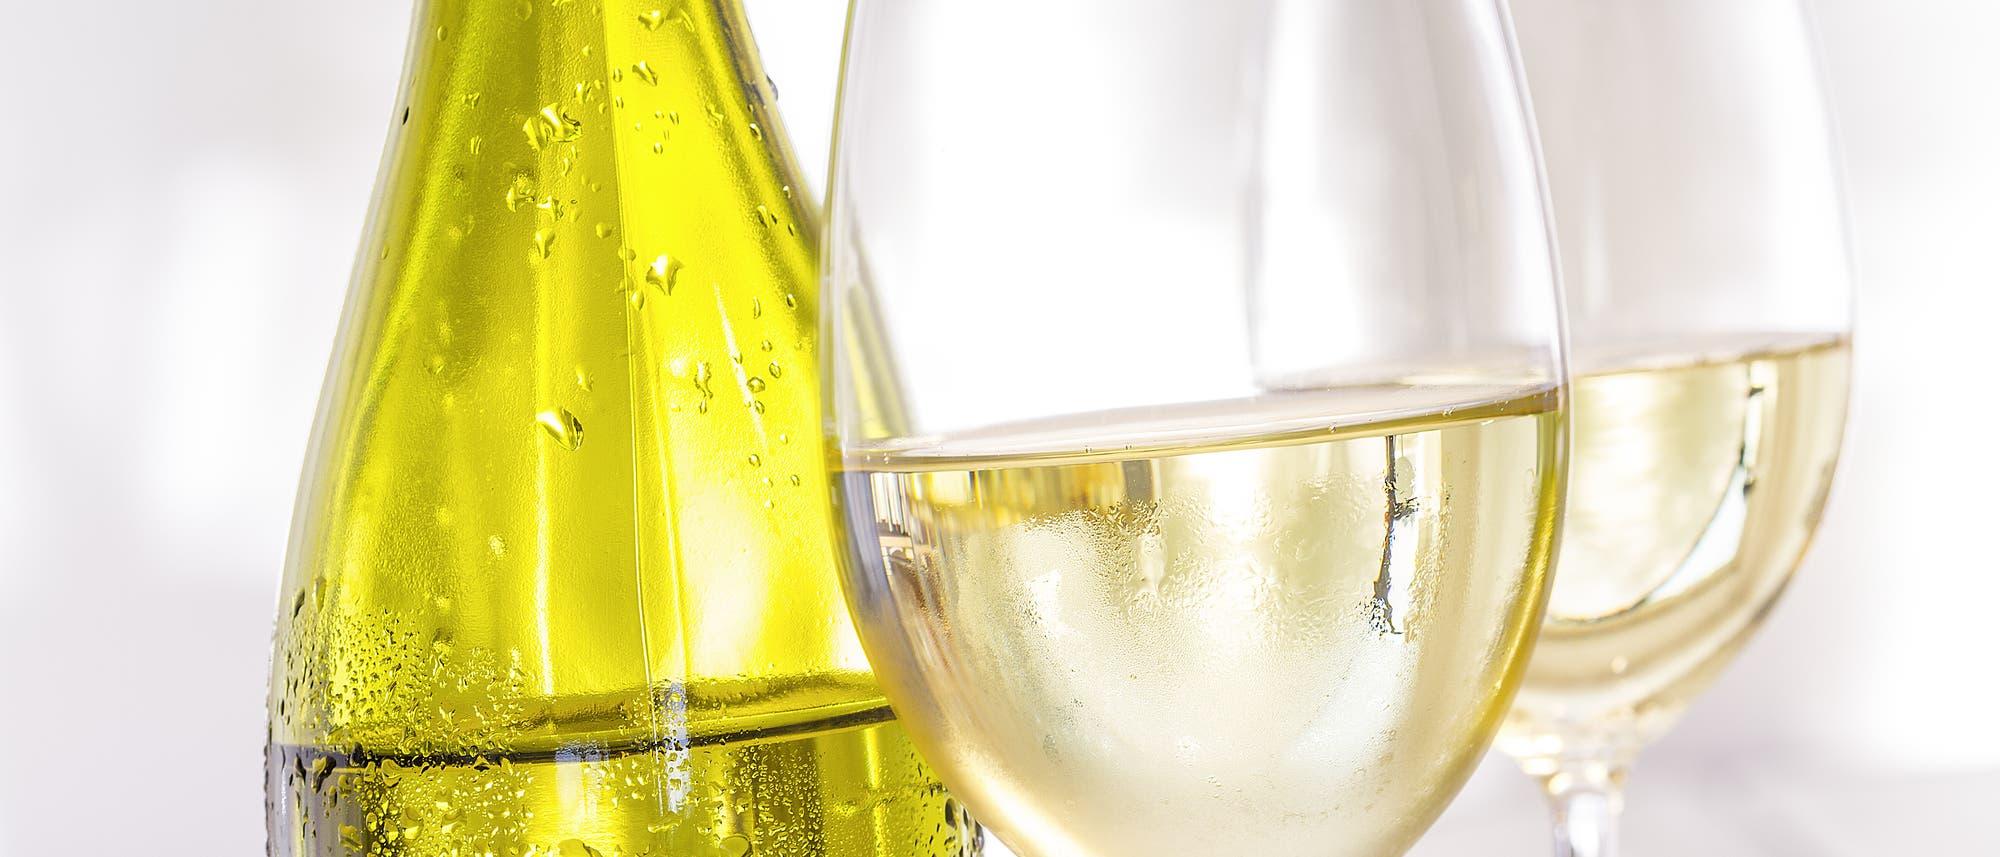 Weißwein in der Flasche und in zwei Gläsern, Nahaufnahme